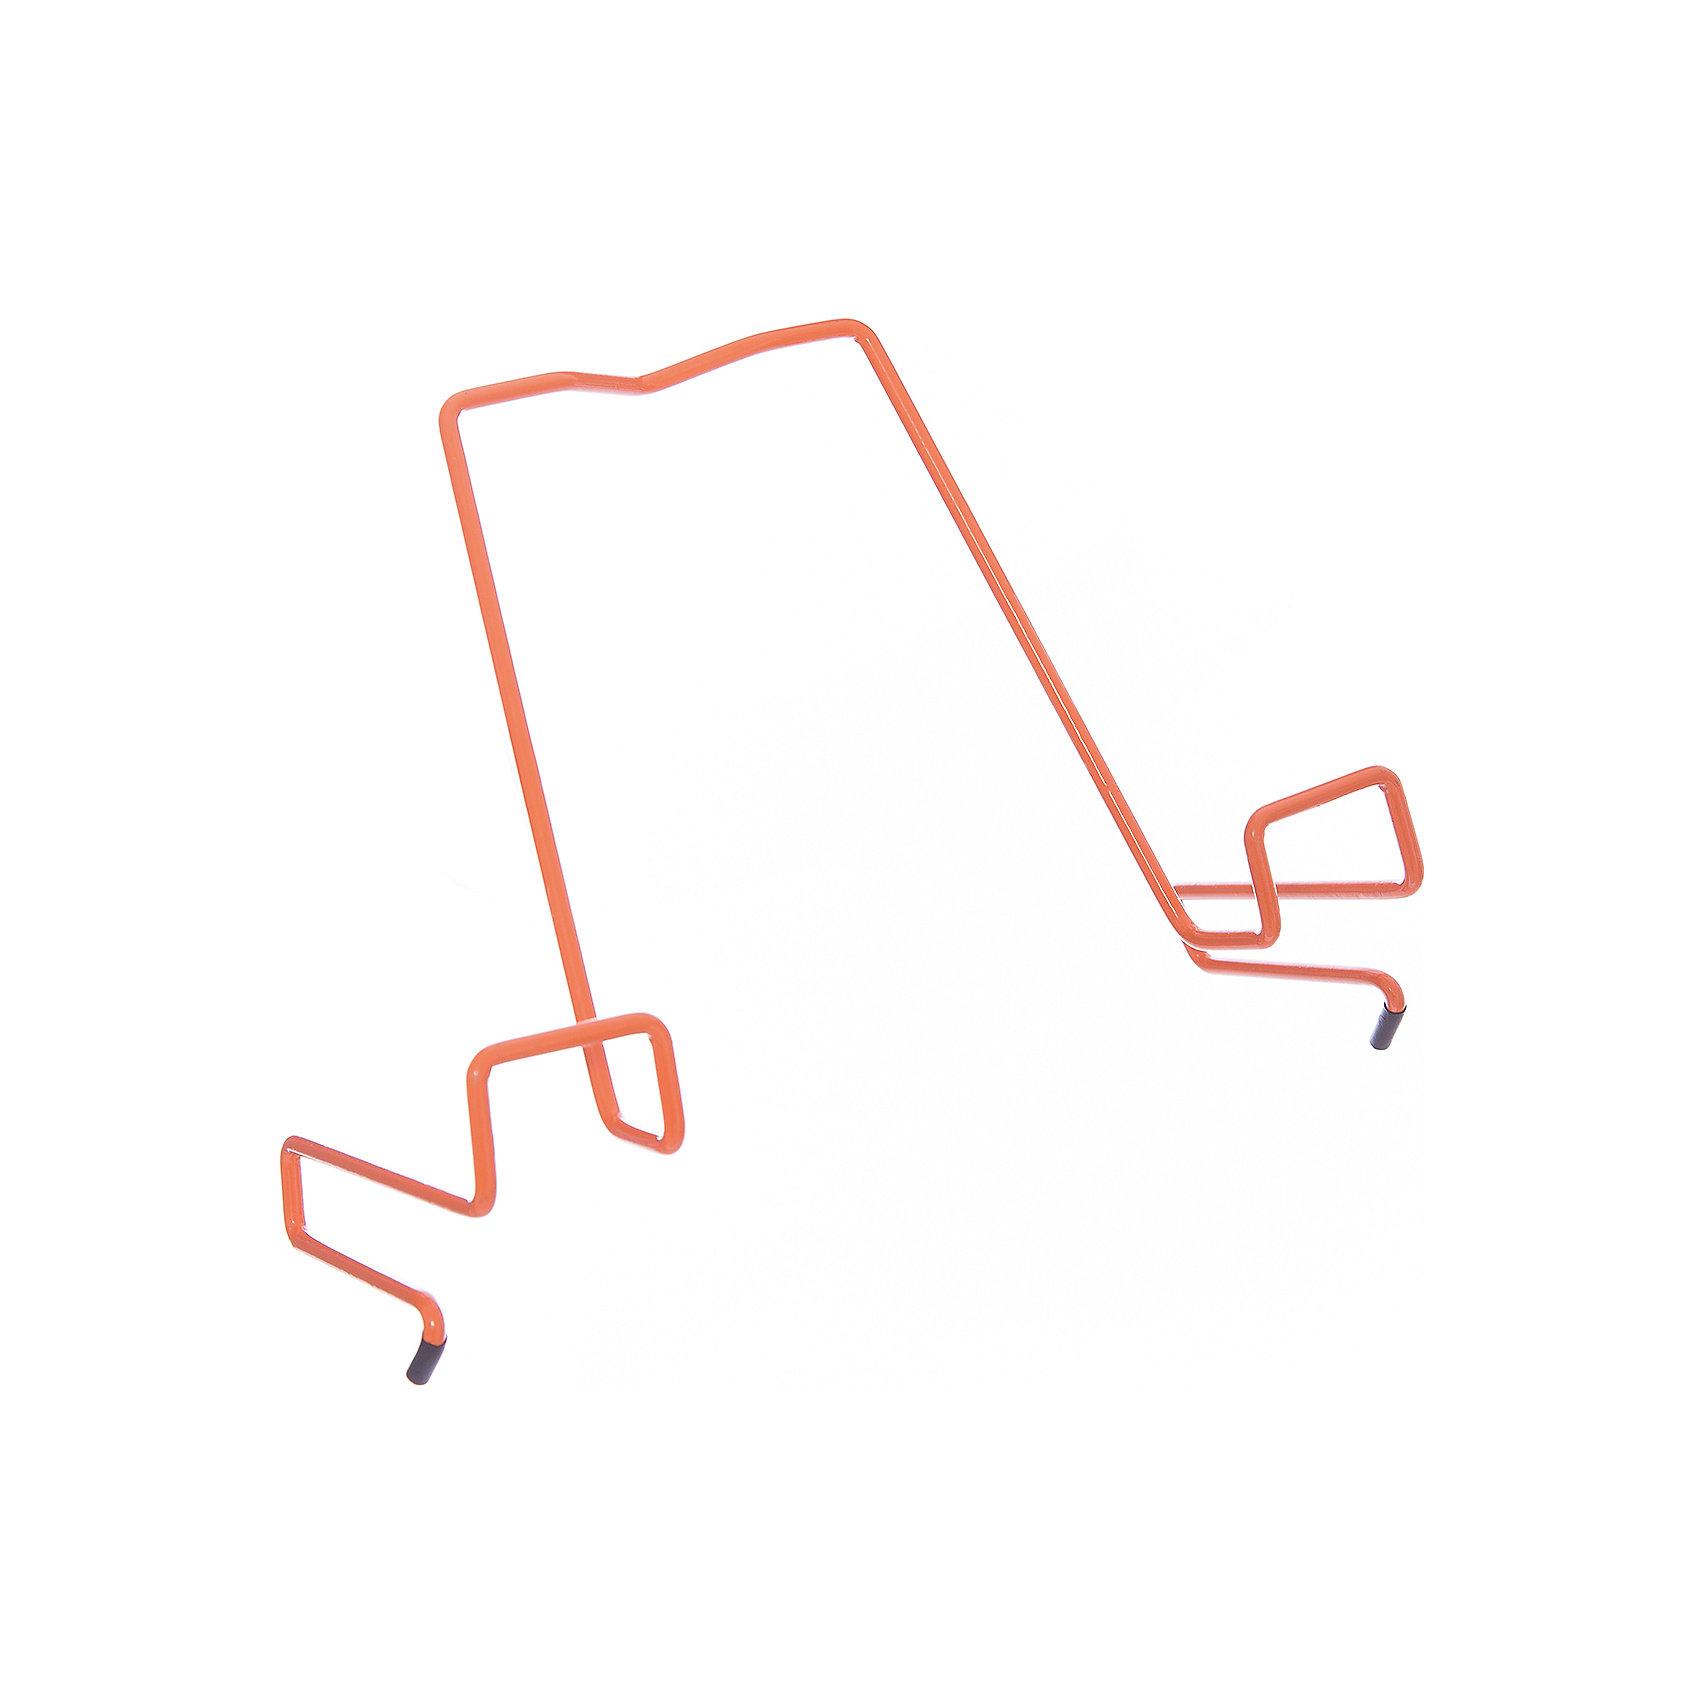 Подставка для книг металлическая ПДК.02, Дэми, оранжевый